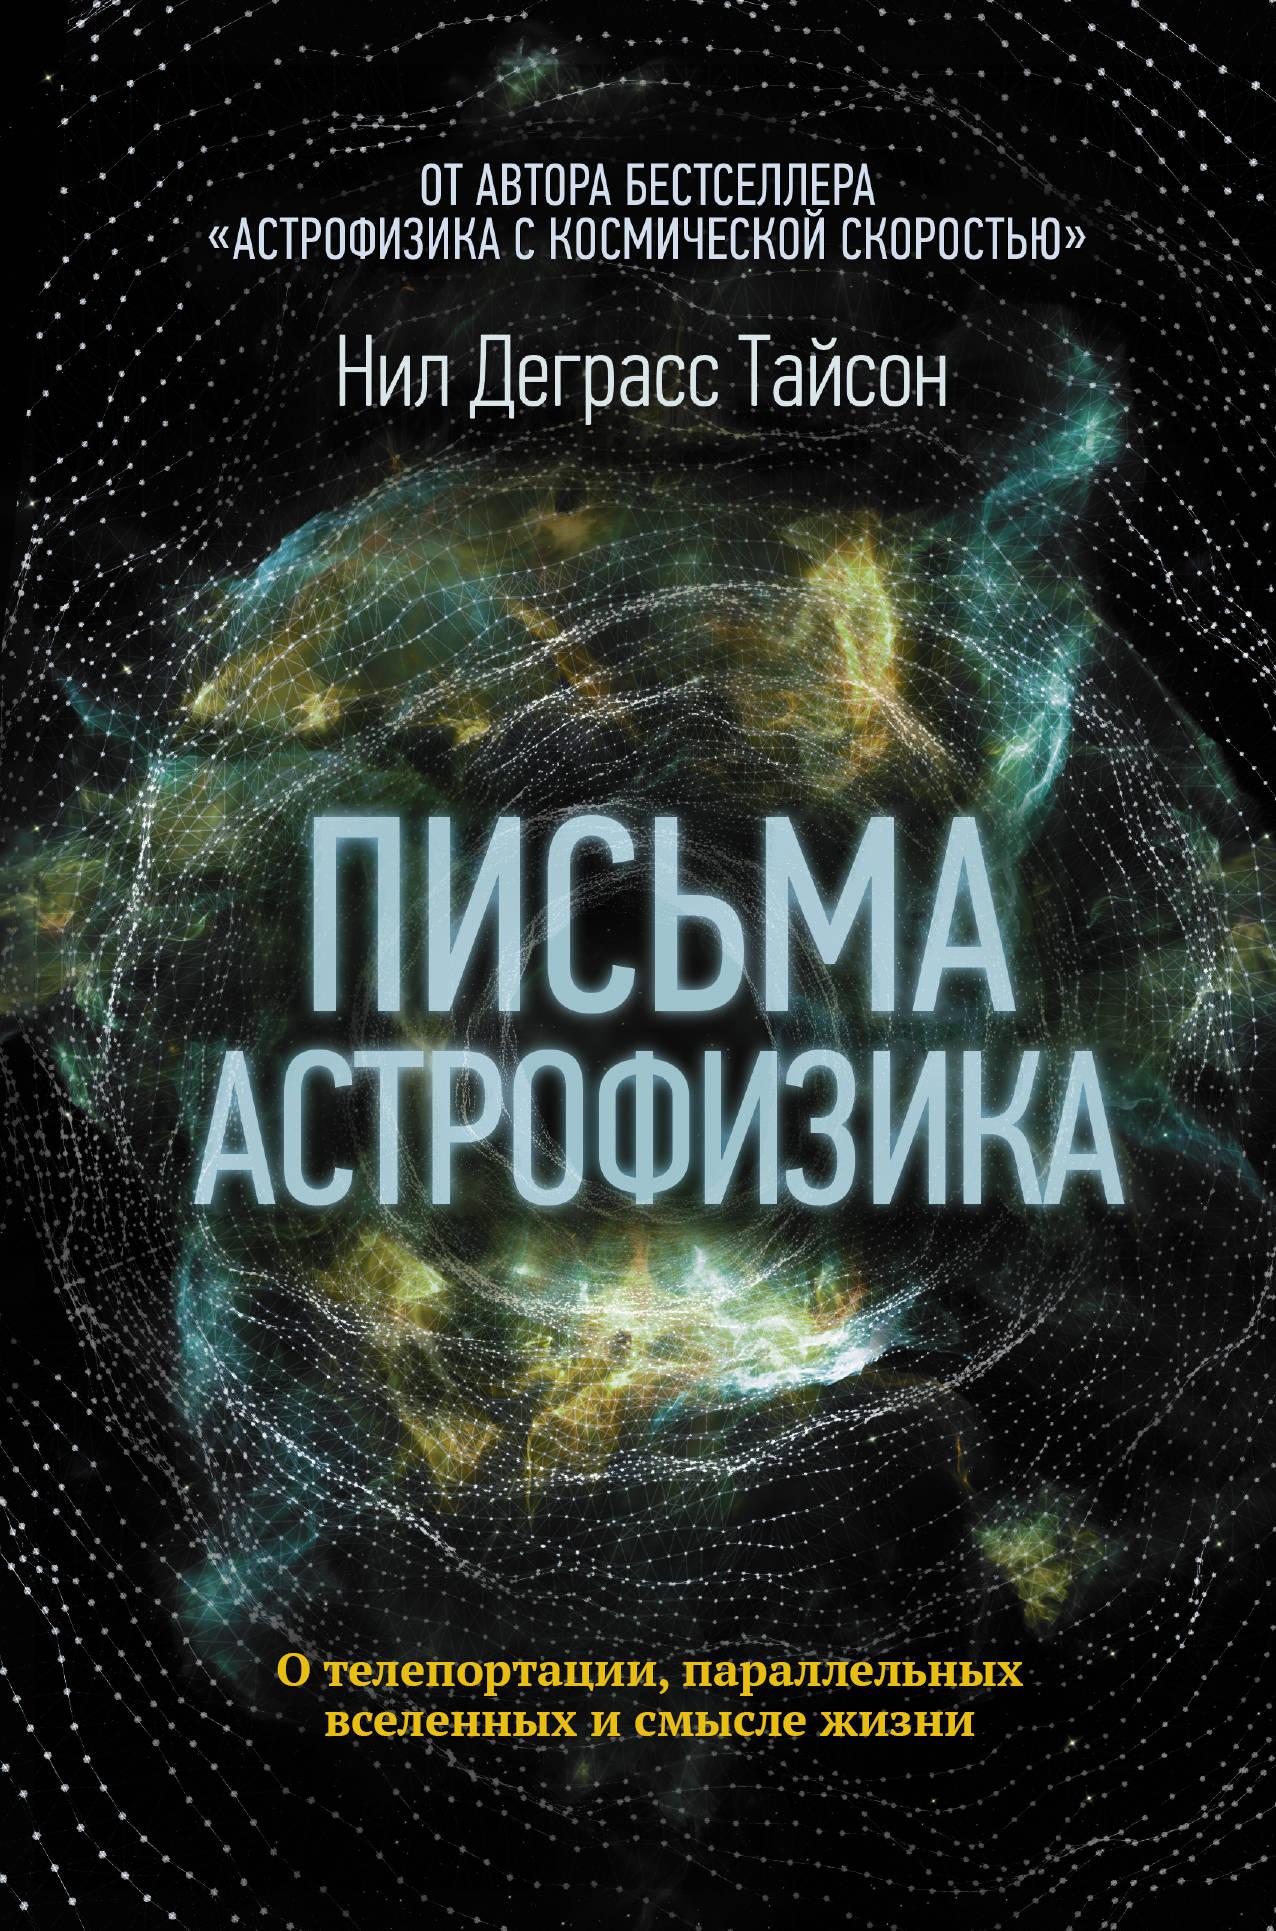 Pisma astrofizika